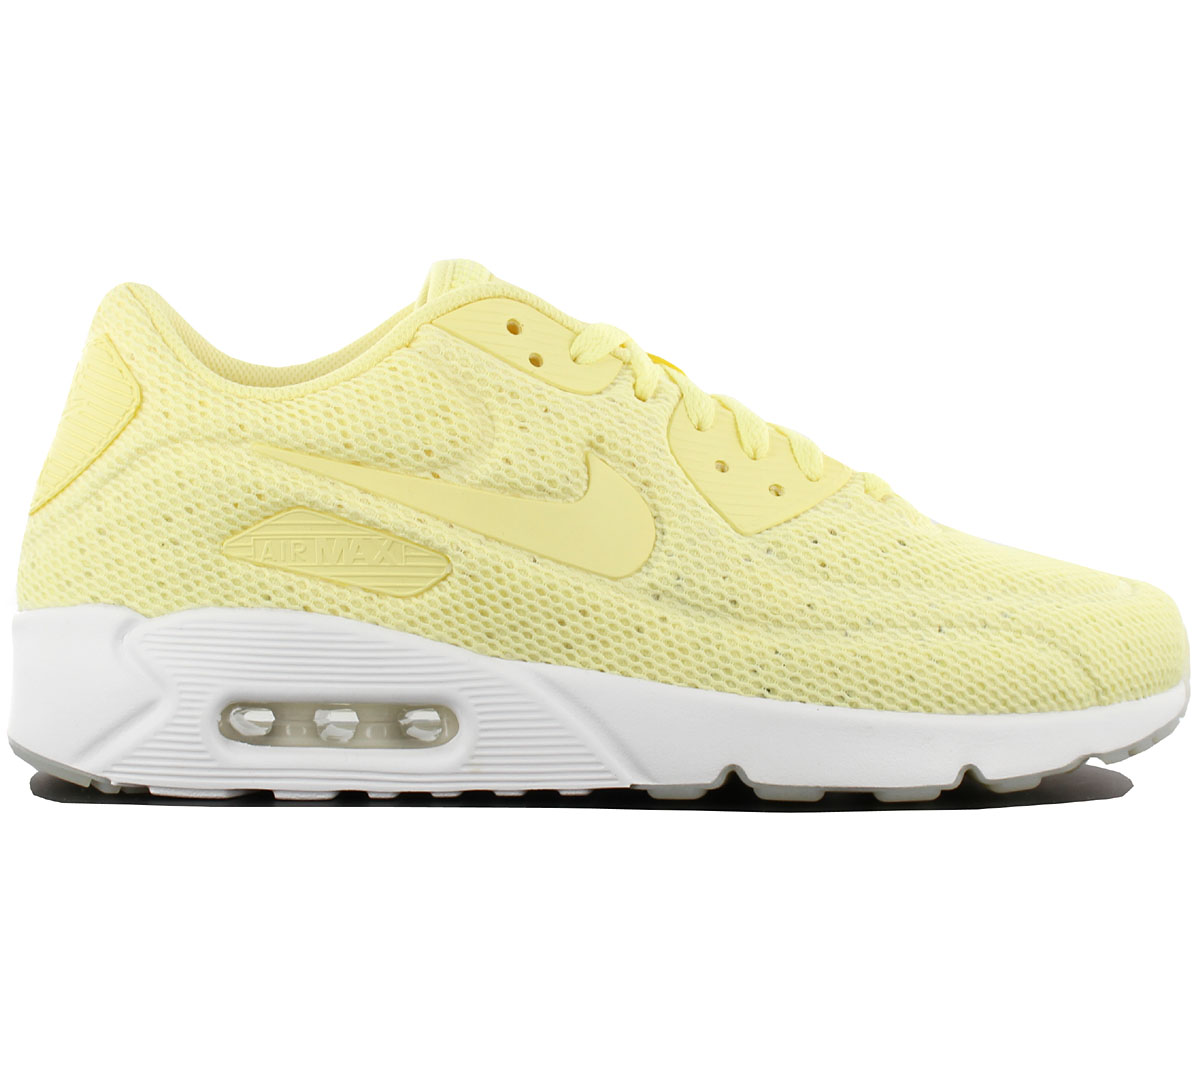 Detalles de Nike Air Max 90 Ultra 2.0 Br Zapatillas Estilo Deportivas para Hombre